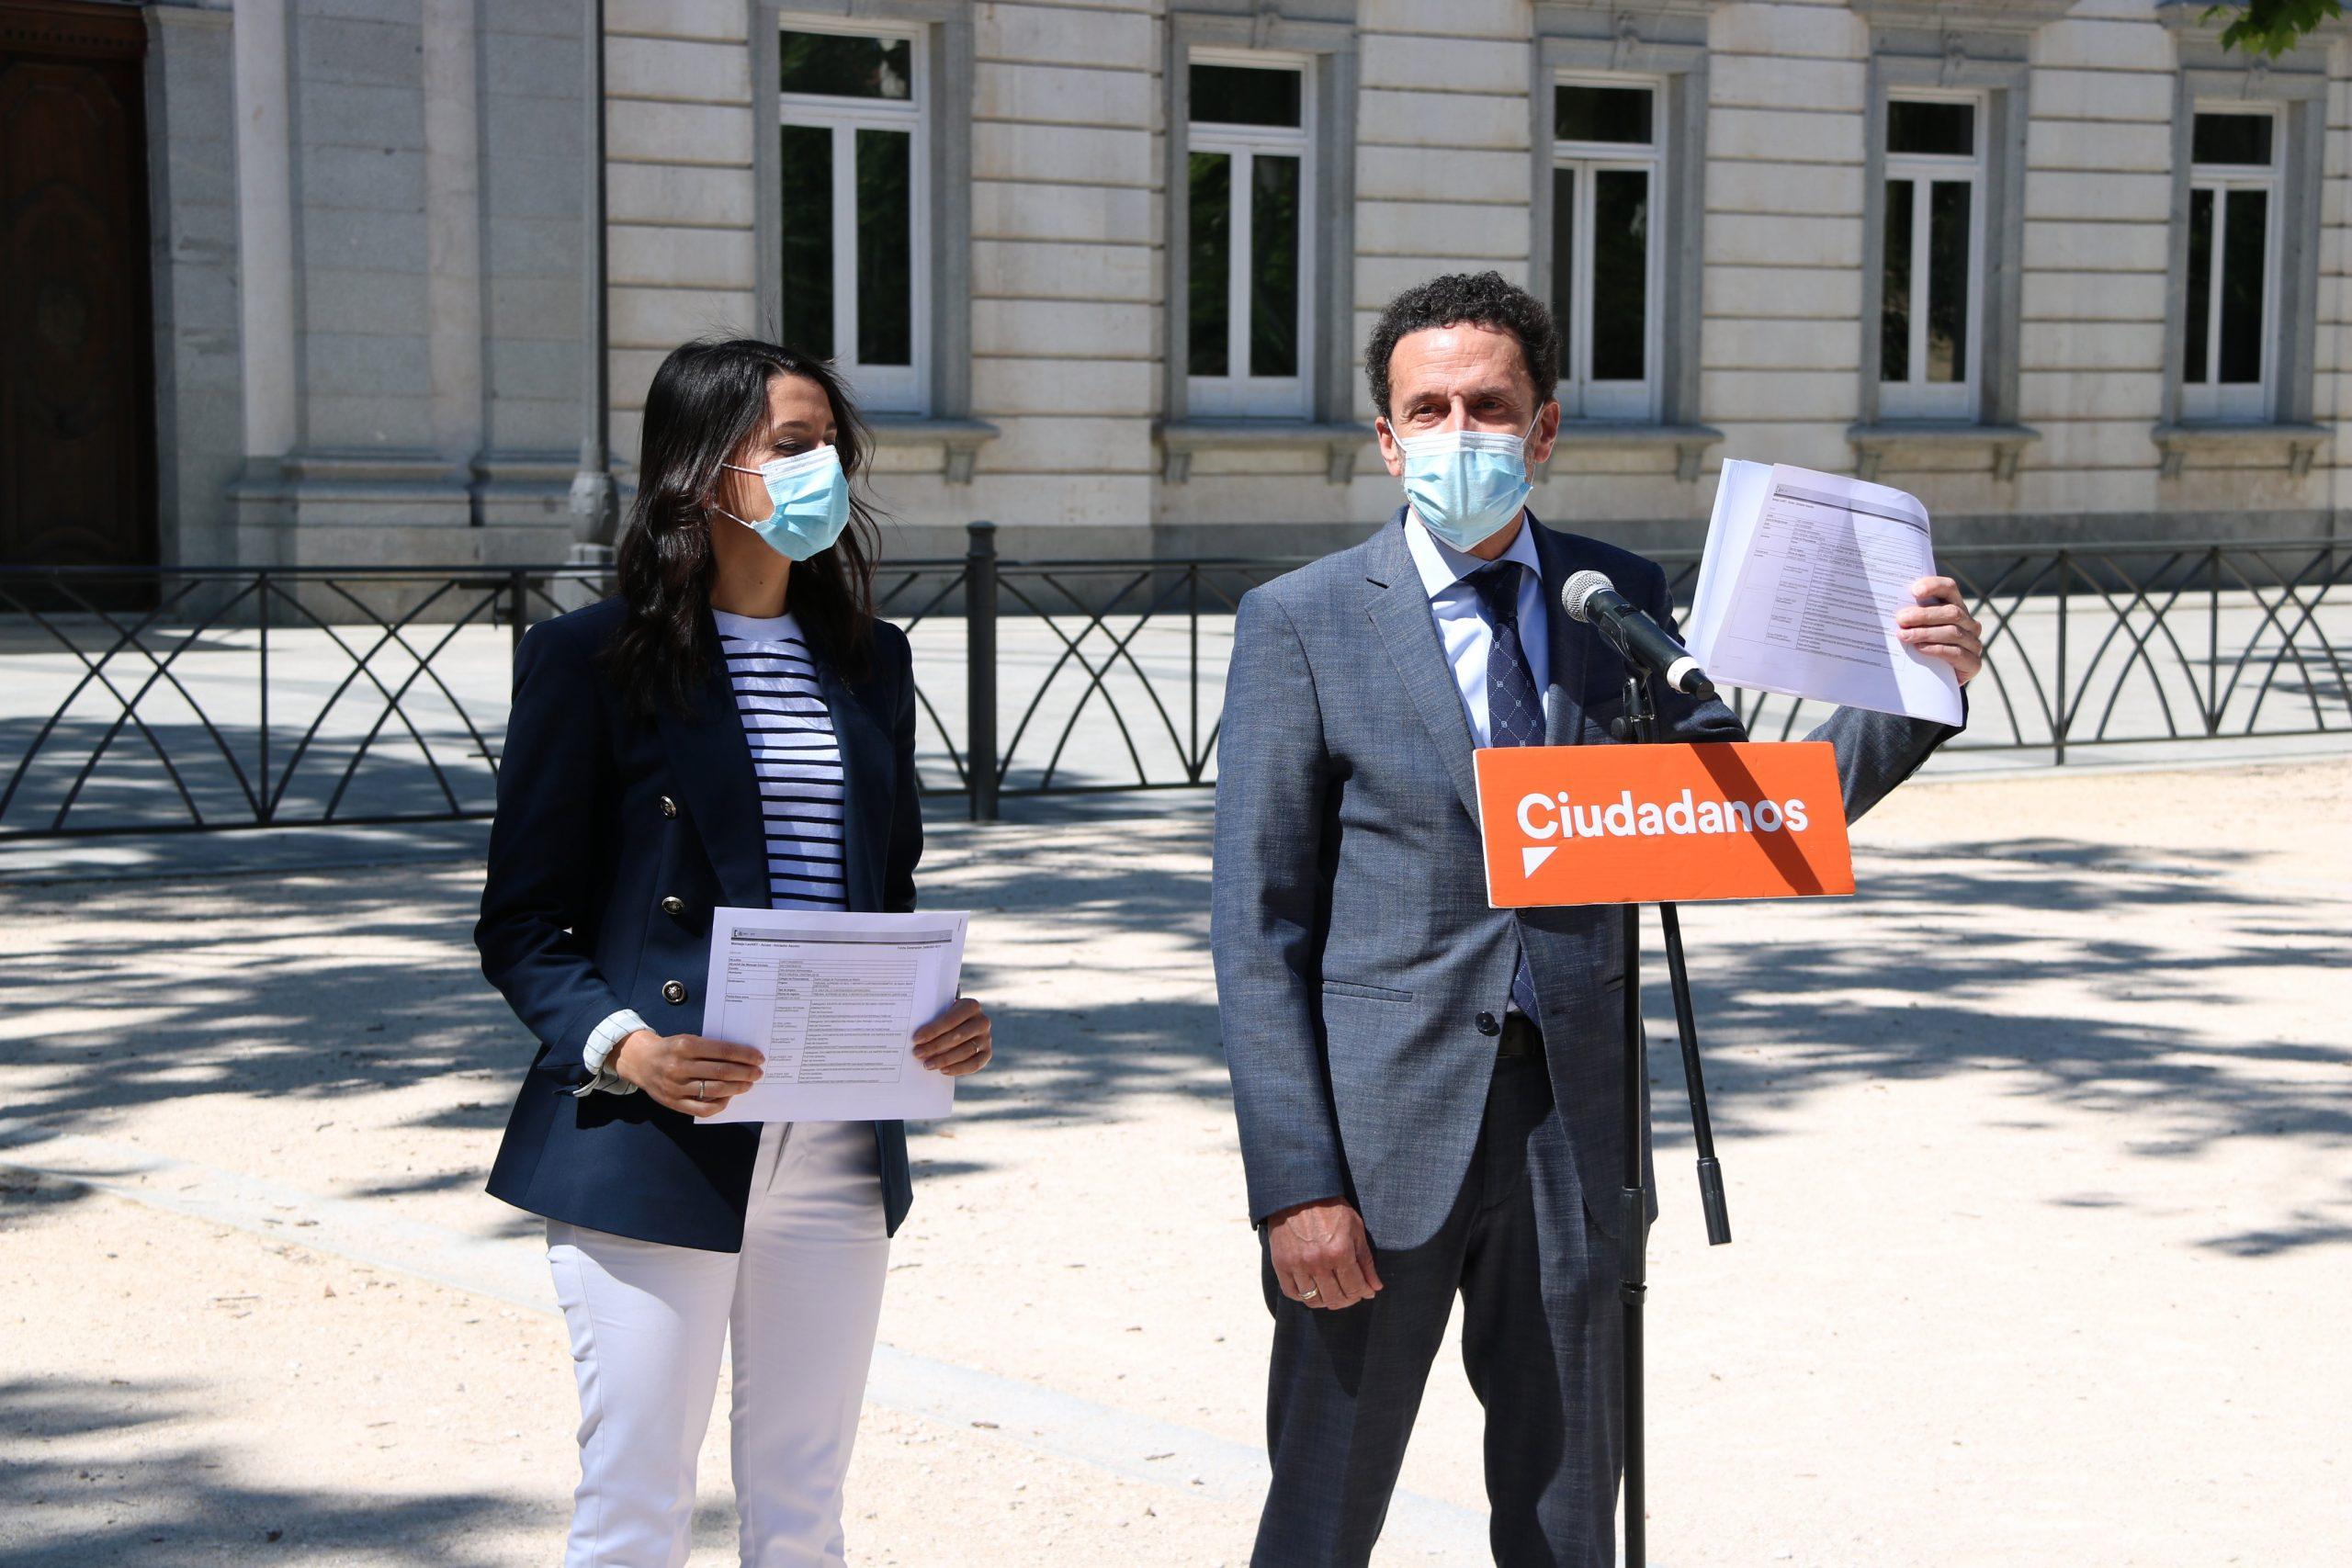 El portaveu de Cs, Edmundo Bal, i la presidenta del partit, Inés Arrimadas, davant del Suprem amb els recursos contra els indults a les mans / ACN